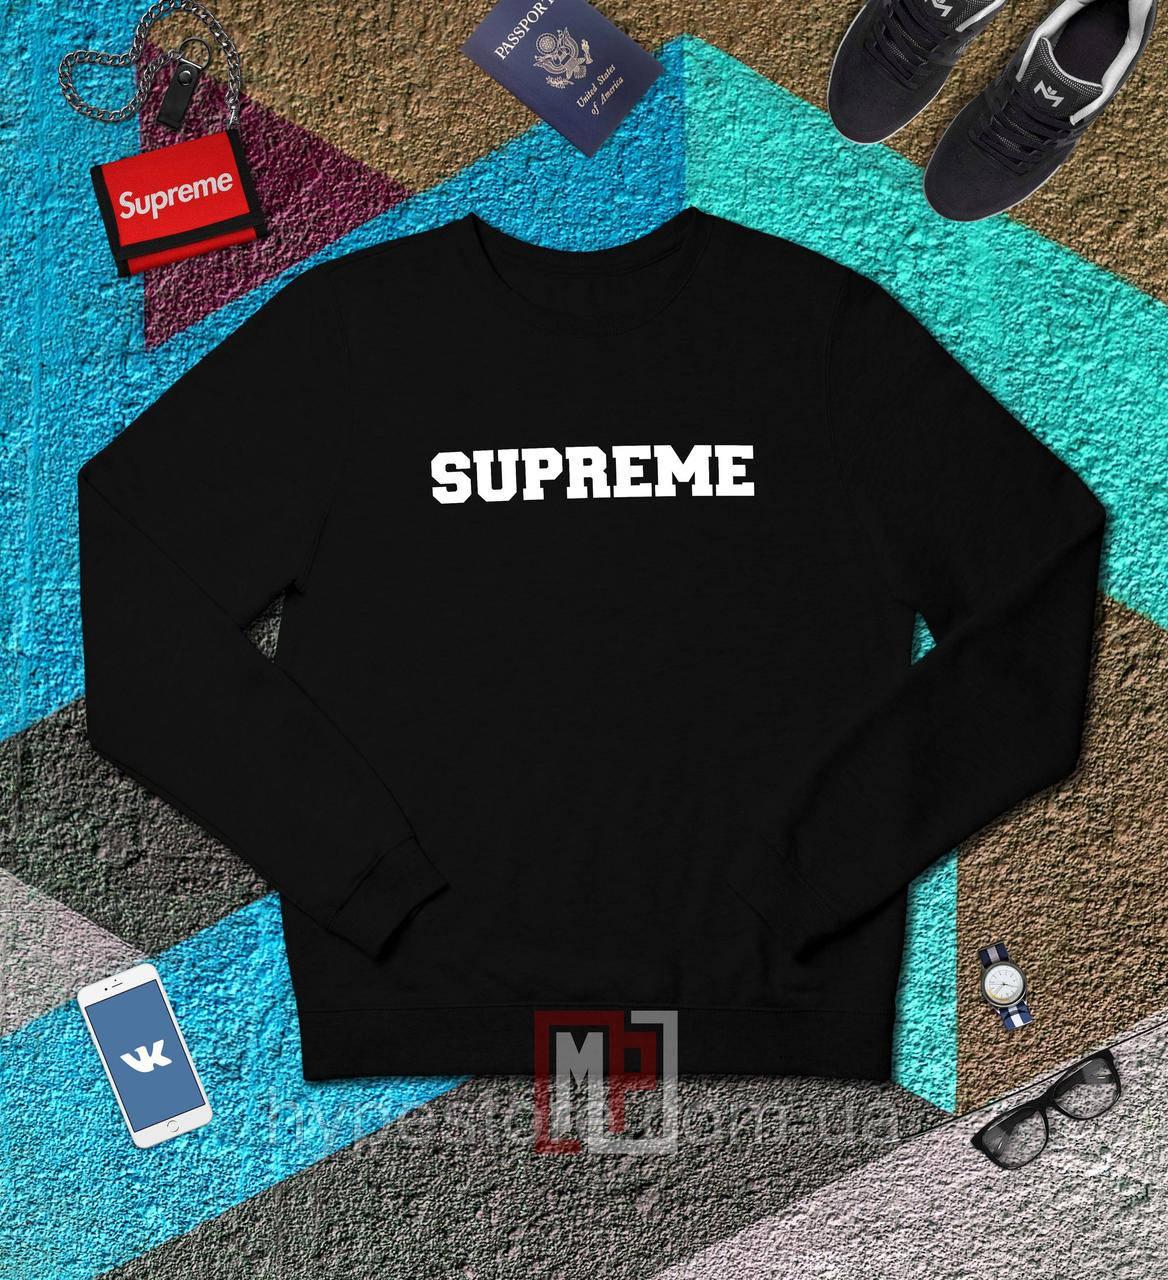 Мужской спортивный свитшот, кофта на флисе Supreme, черный, Реплика